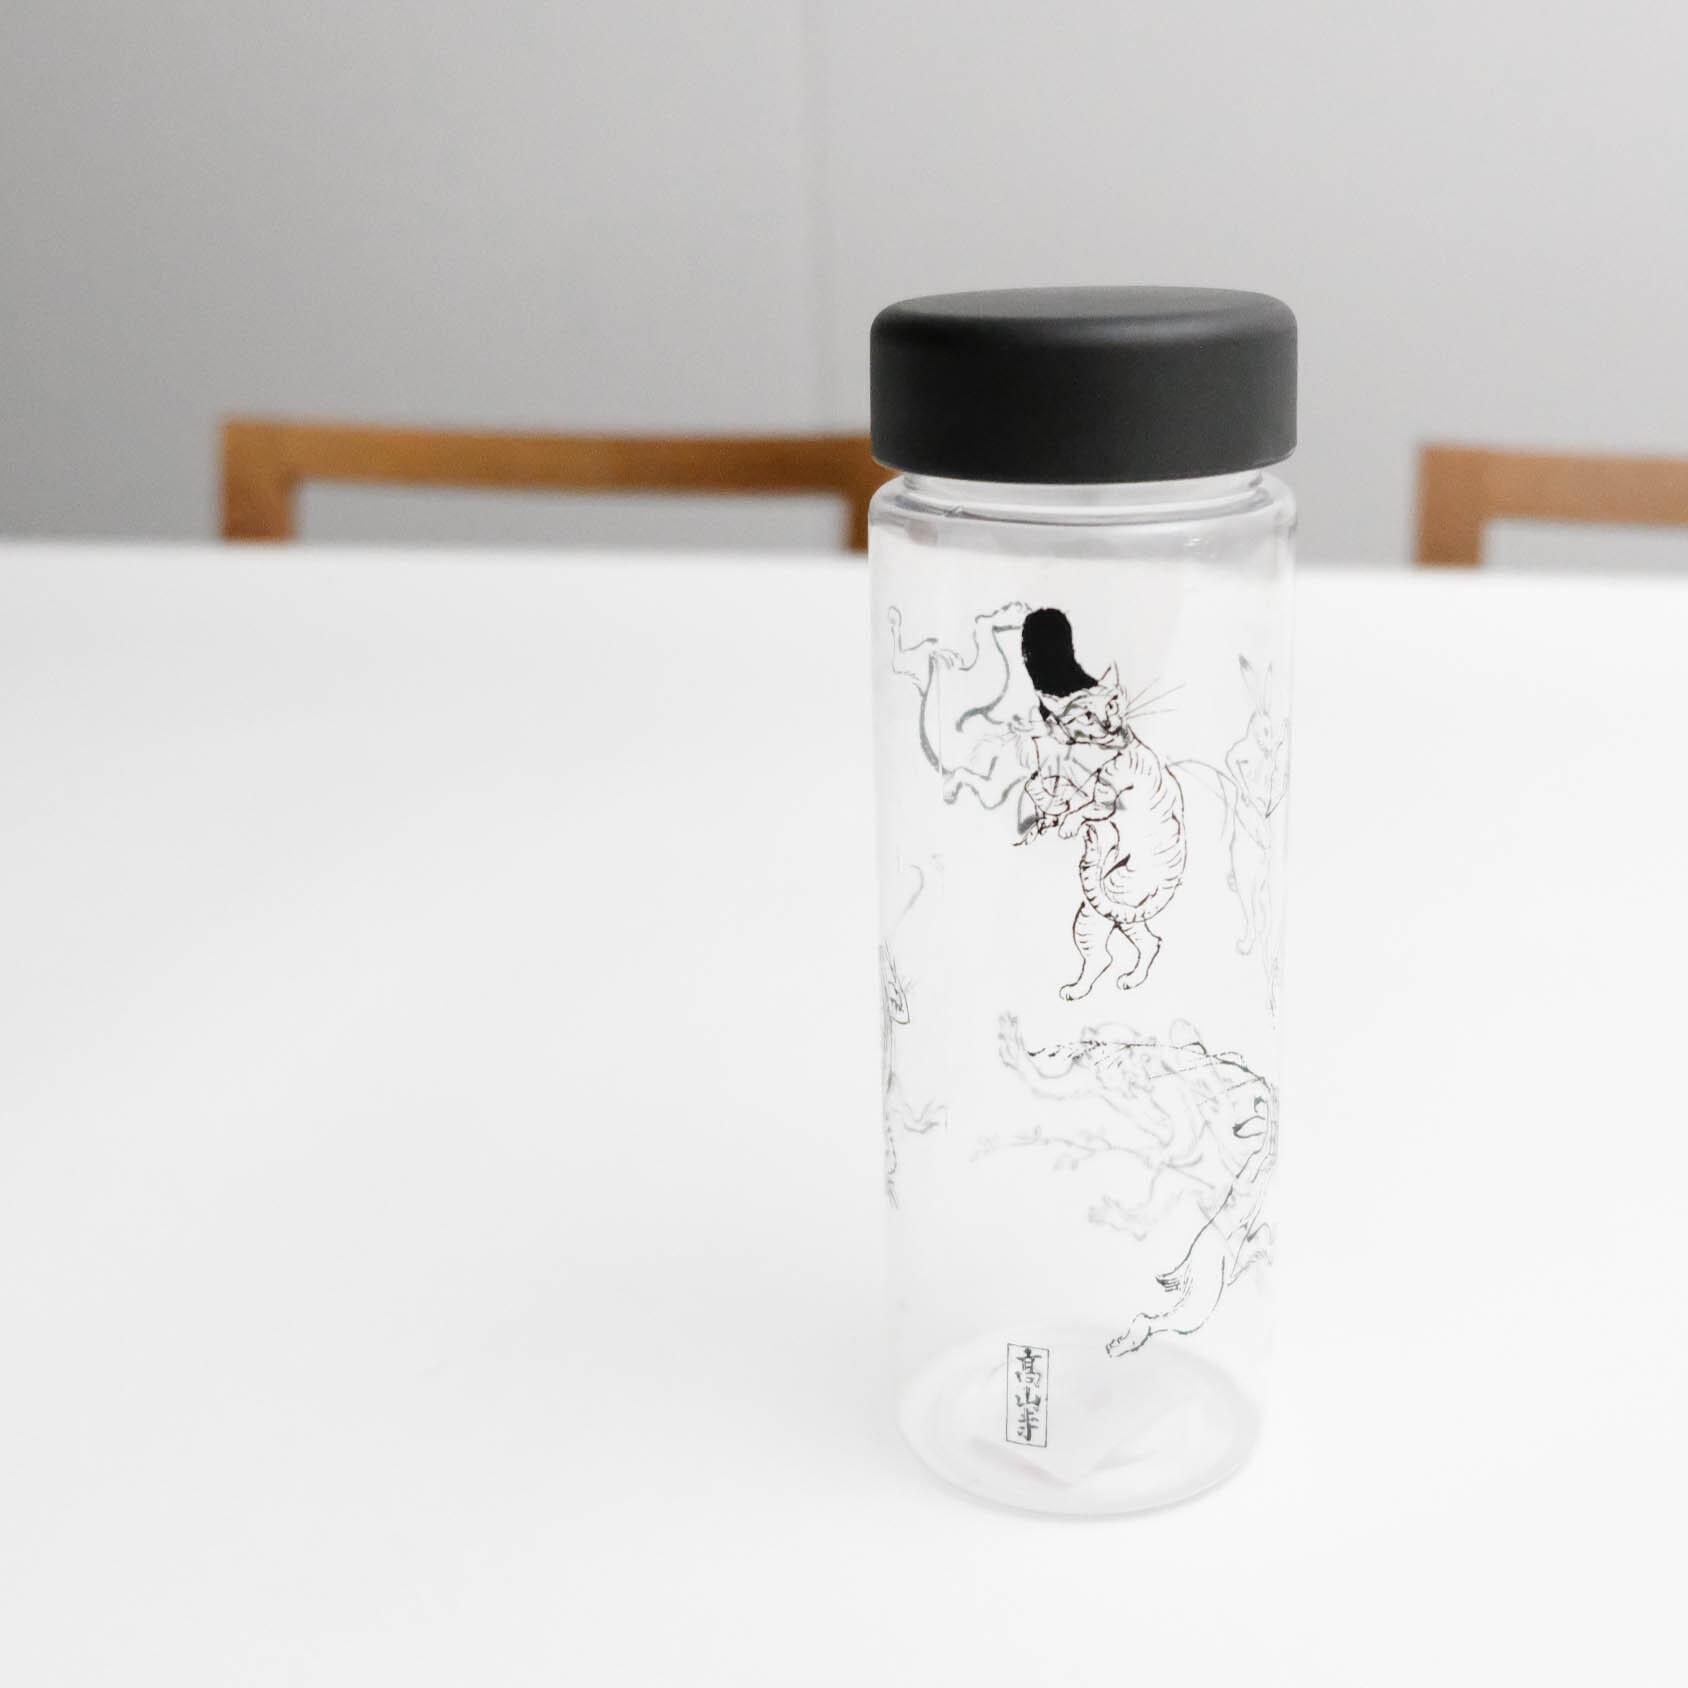 鳥獣戯画 クリアボトル ブラック